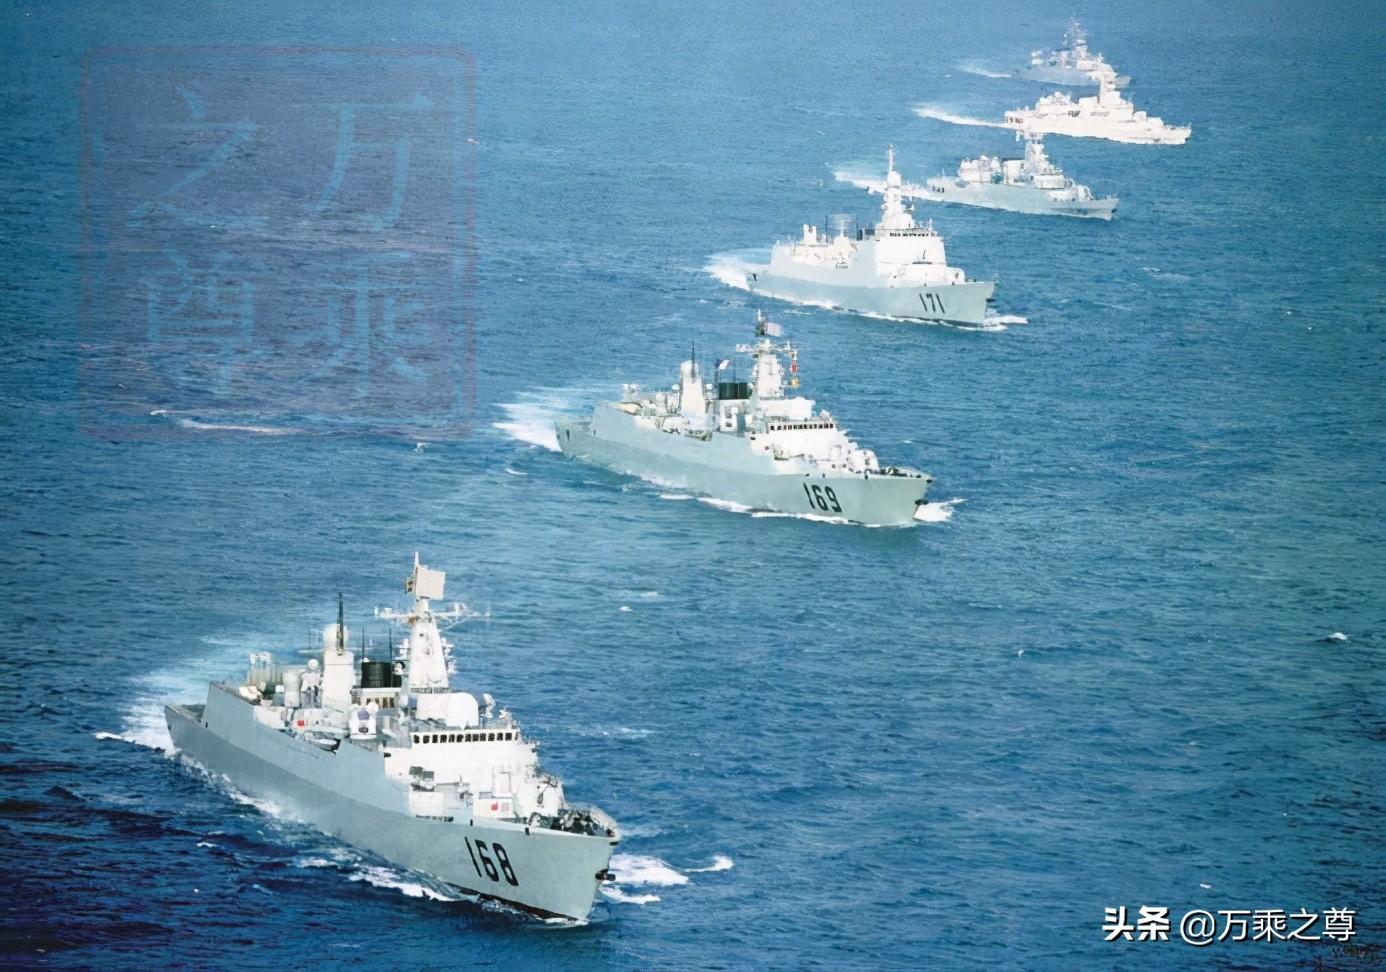 幼稚还是专业?美印越南加拿大设想的击沉中国辽宁号航母方案